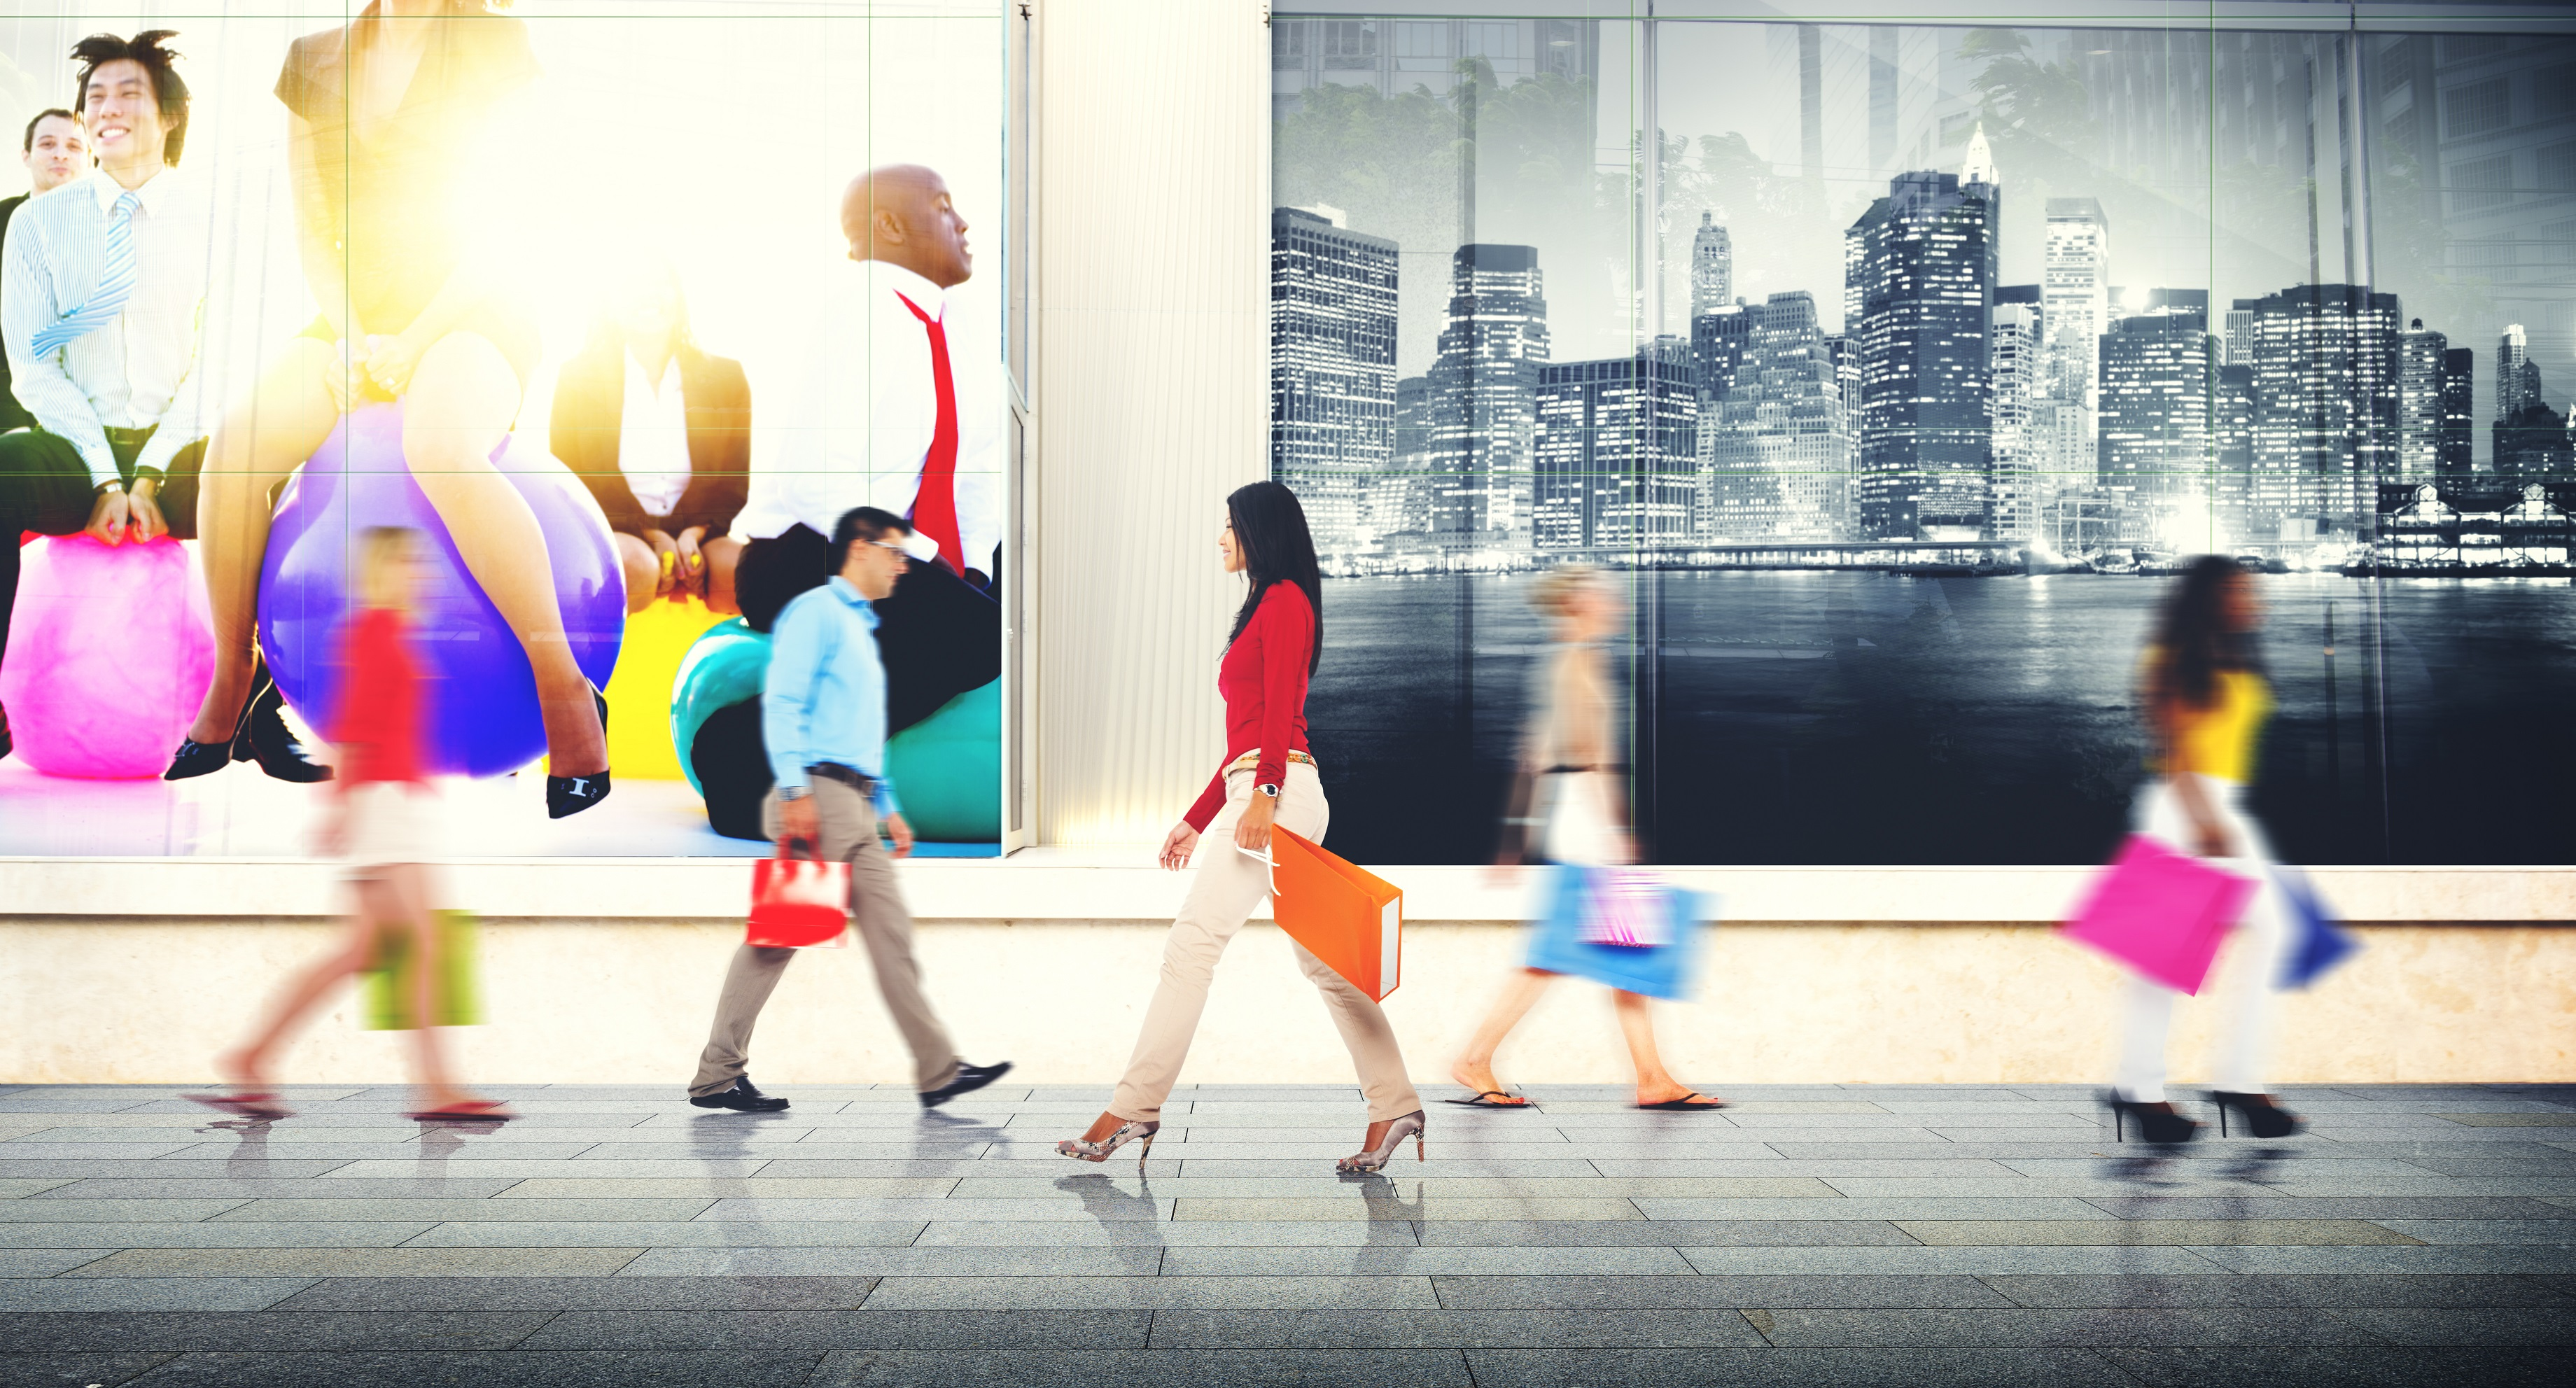 Shutterstock/Rawpixel.com